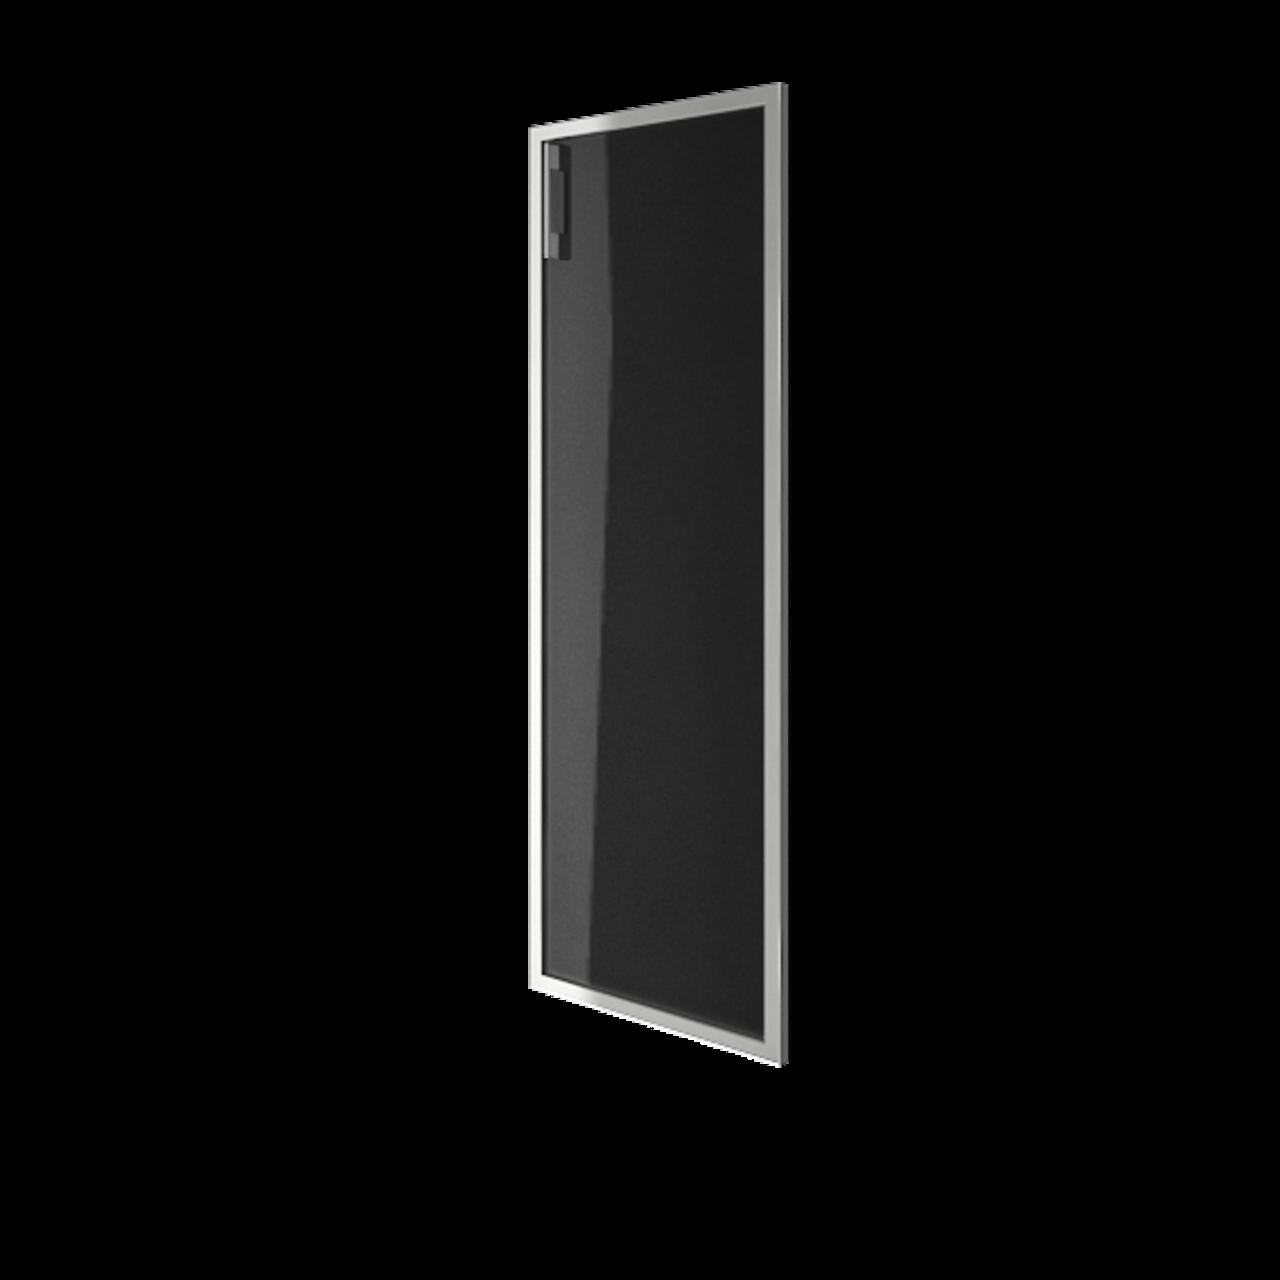 Дверь стекло в раме среднее Lacobel black правая - фото 2